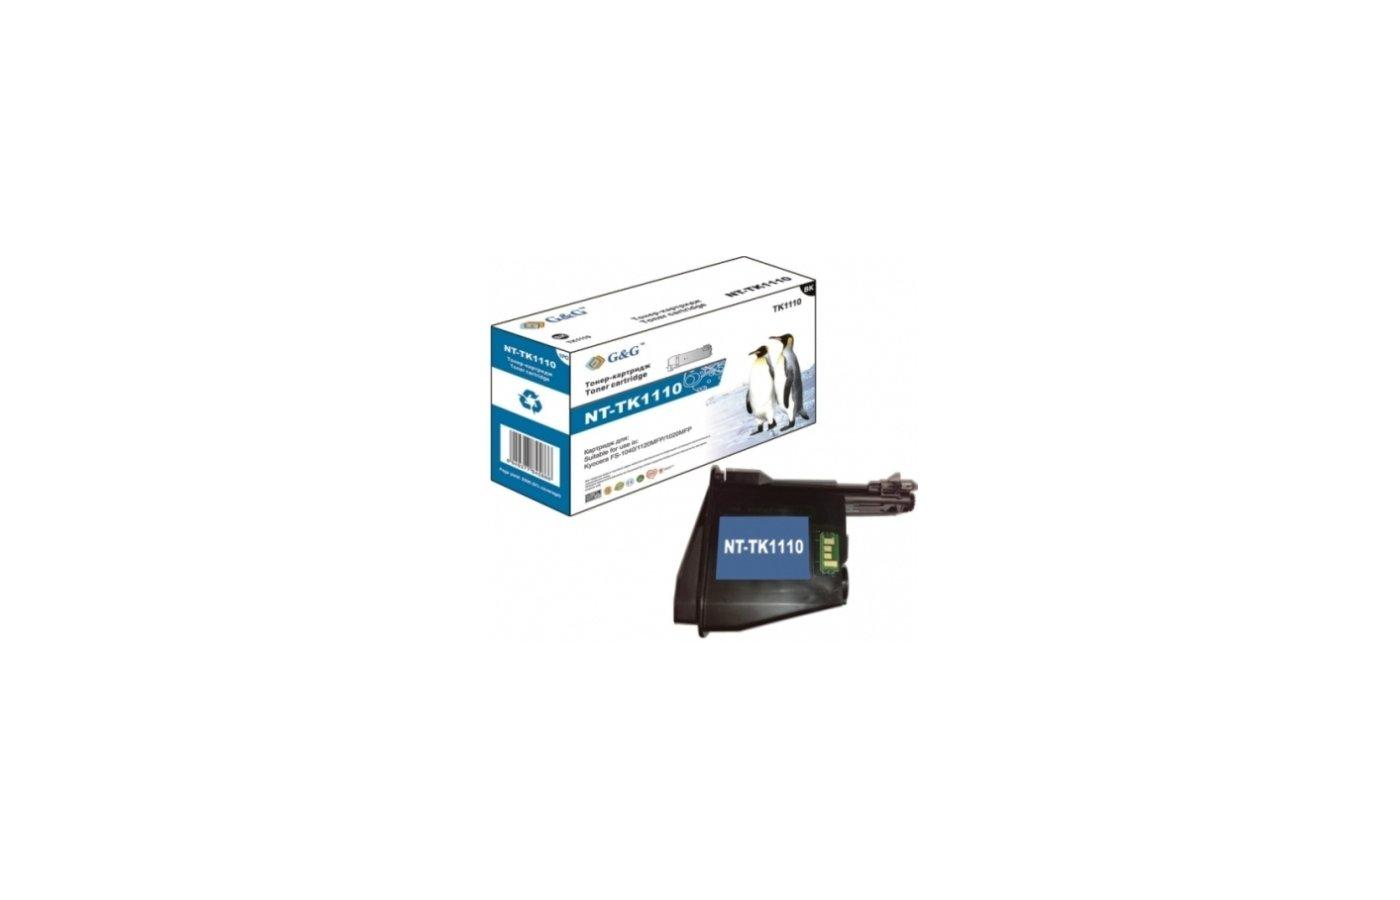 Картридж лазерный GG NT-TK1110 Совместимый для Kyocera FS-1040/1020MFP/1120MFP (2500стр)